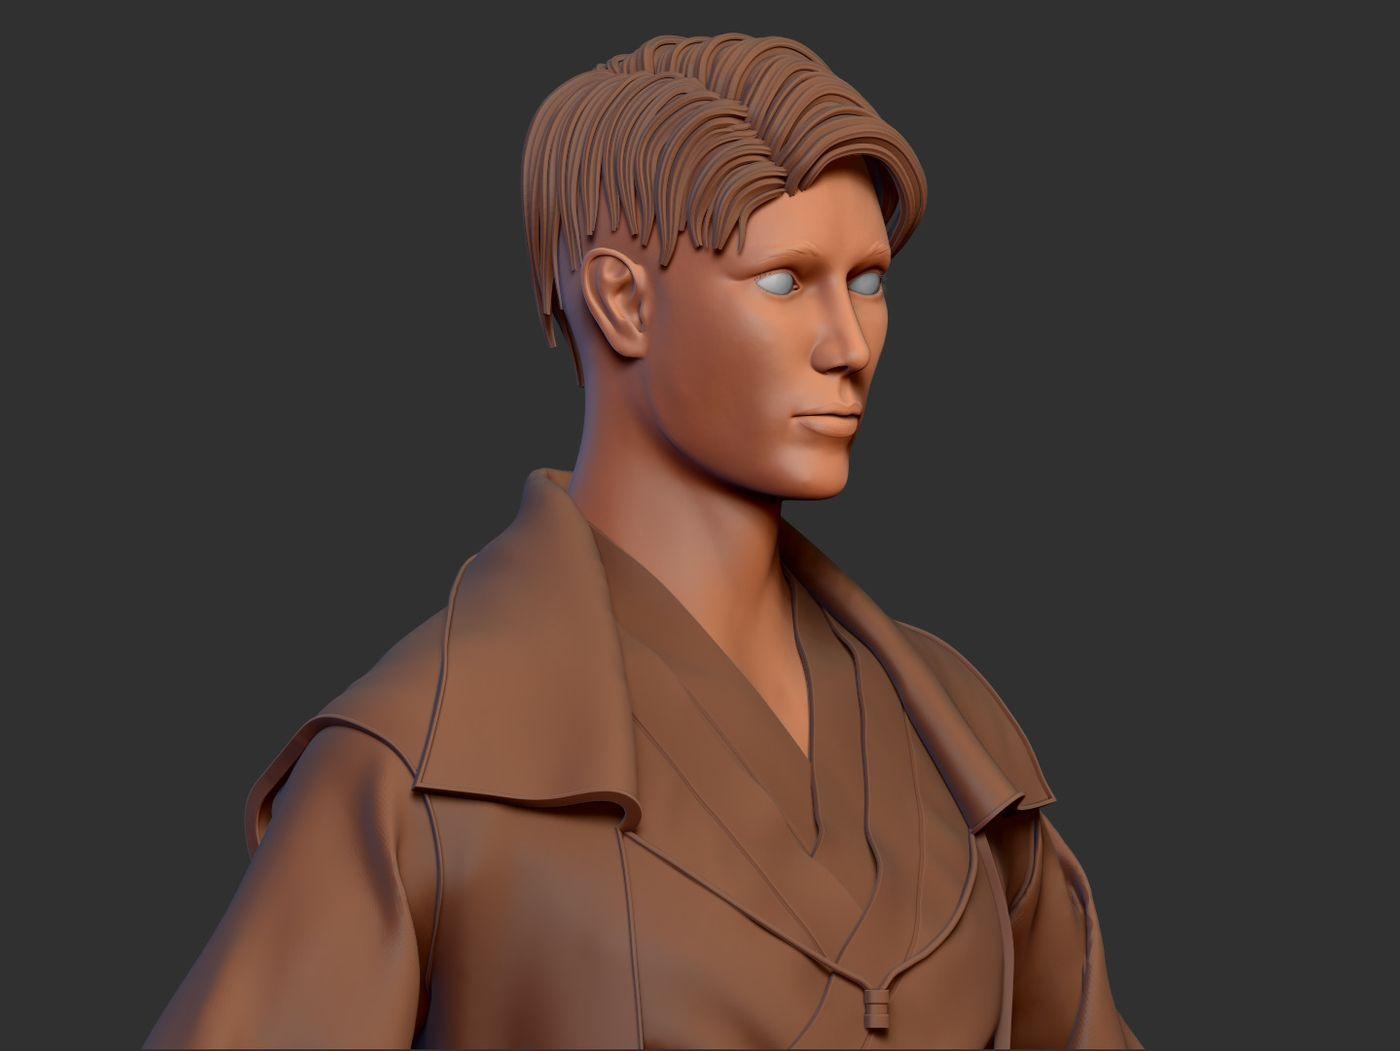 Jedi concept sculpt